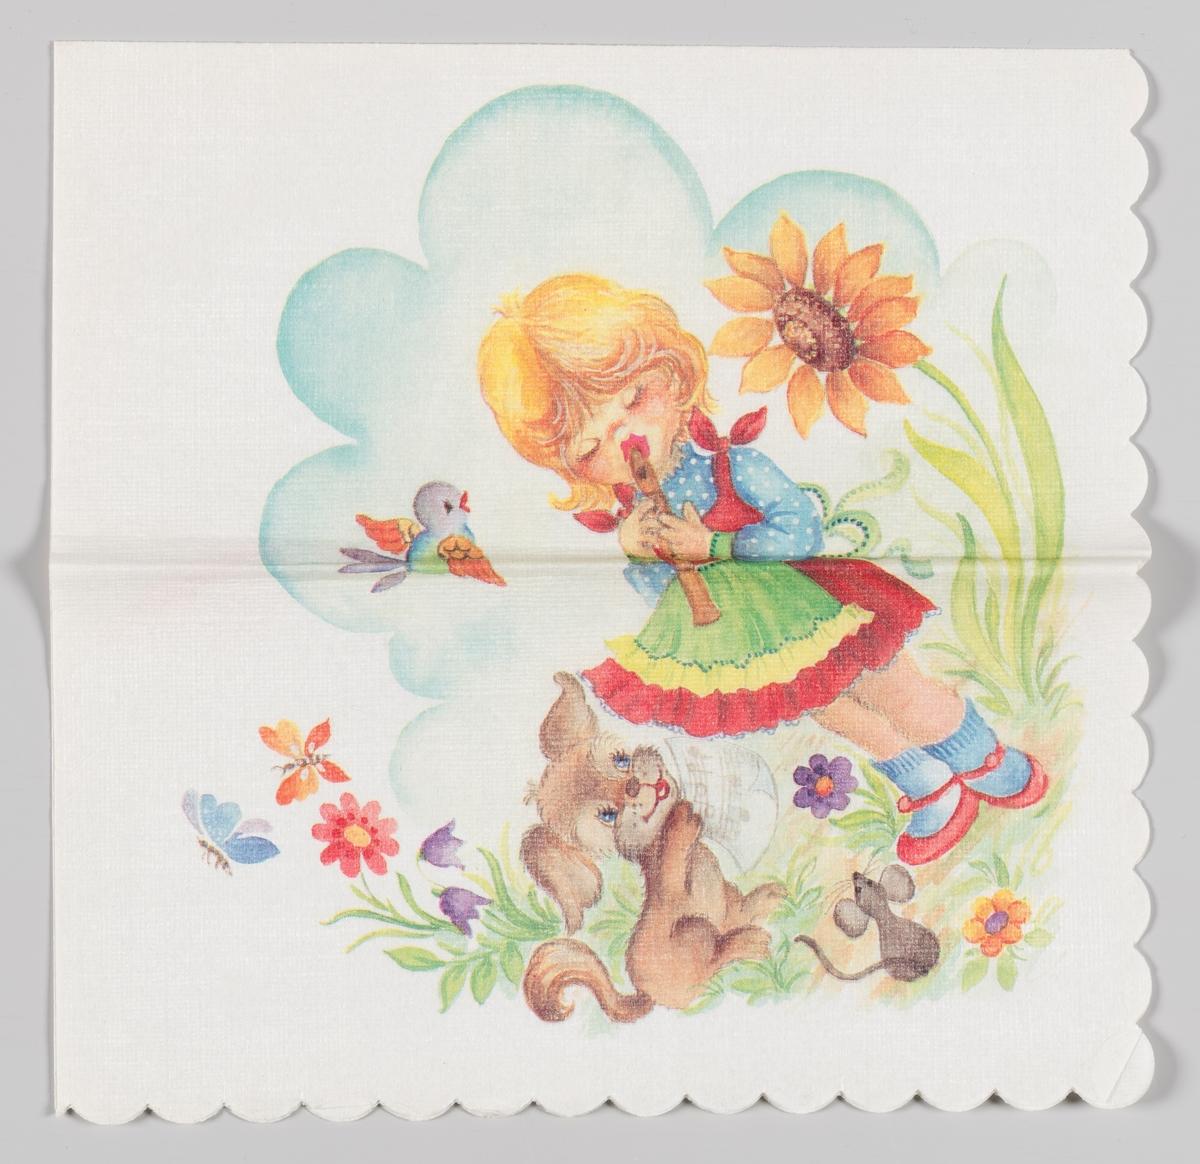 En jente spiller på fløyte med en liten hund, en mus og en fugl som publikum omgitt av blomster og sommerfugler og med en blå sky i bakgrunnen.